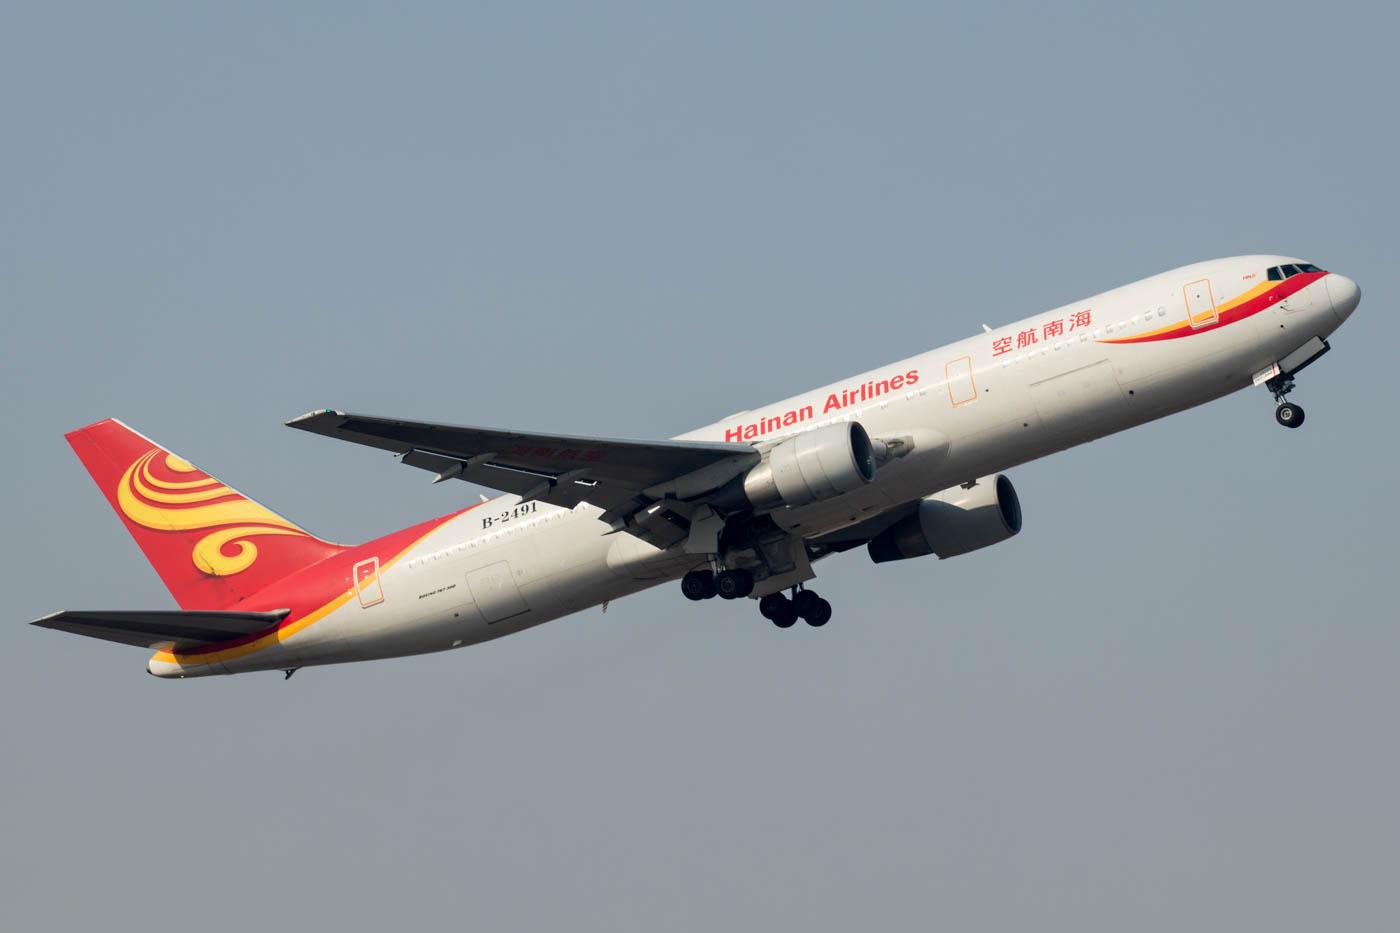 Hainan Airlines 767-300ER